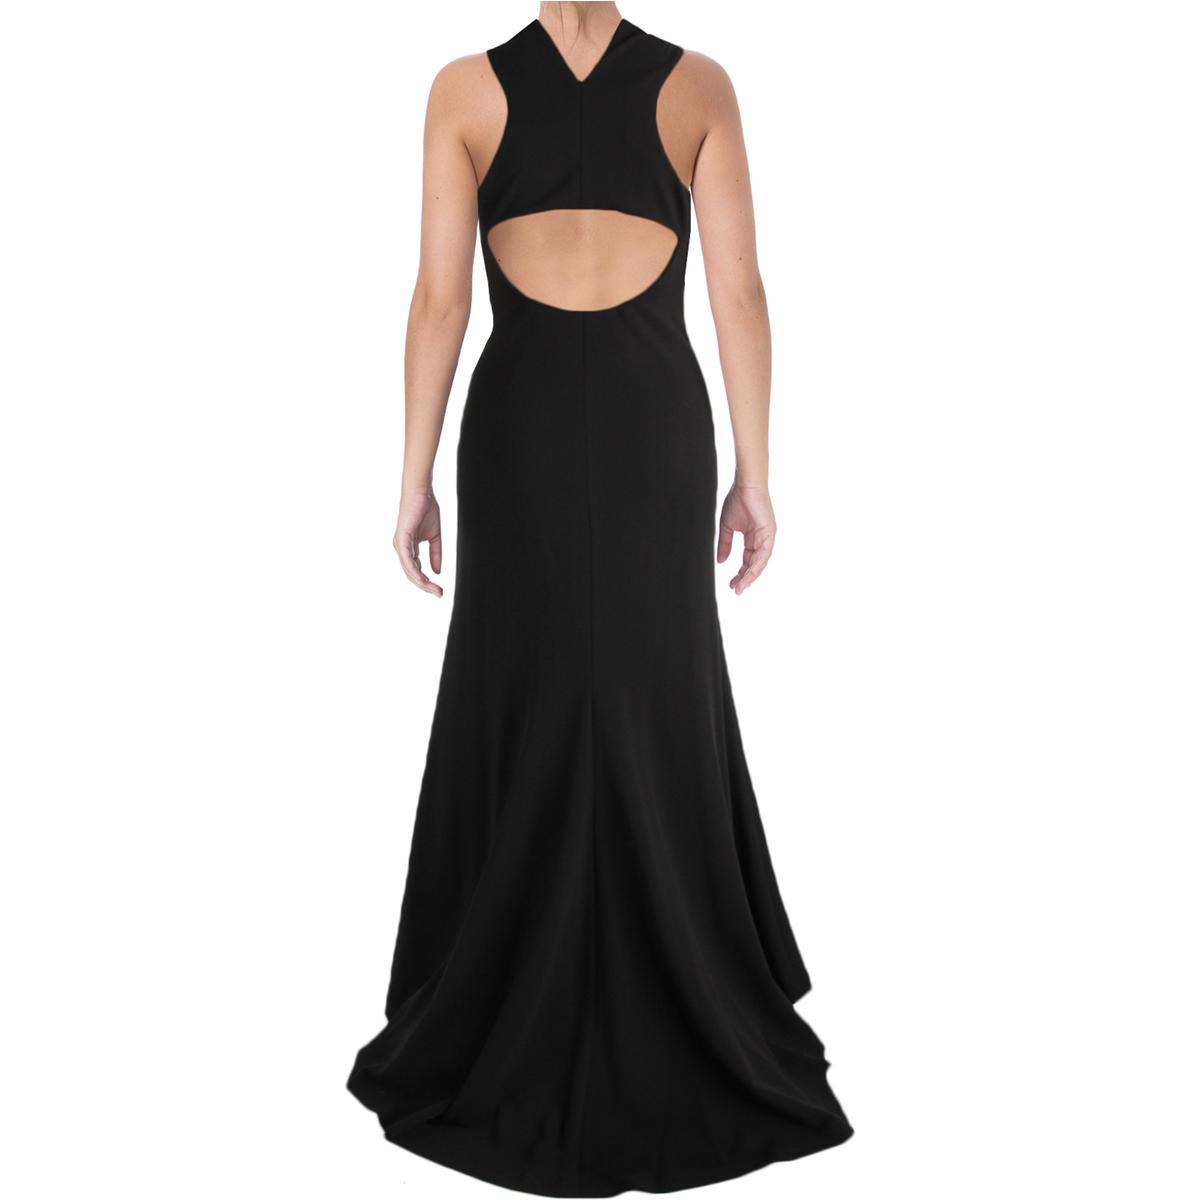 Vera Wang Womens Jersey Cut-Out Sleeveless Evening Dress Gown BHFO ...